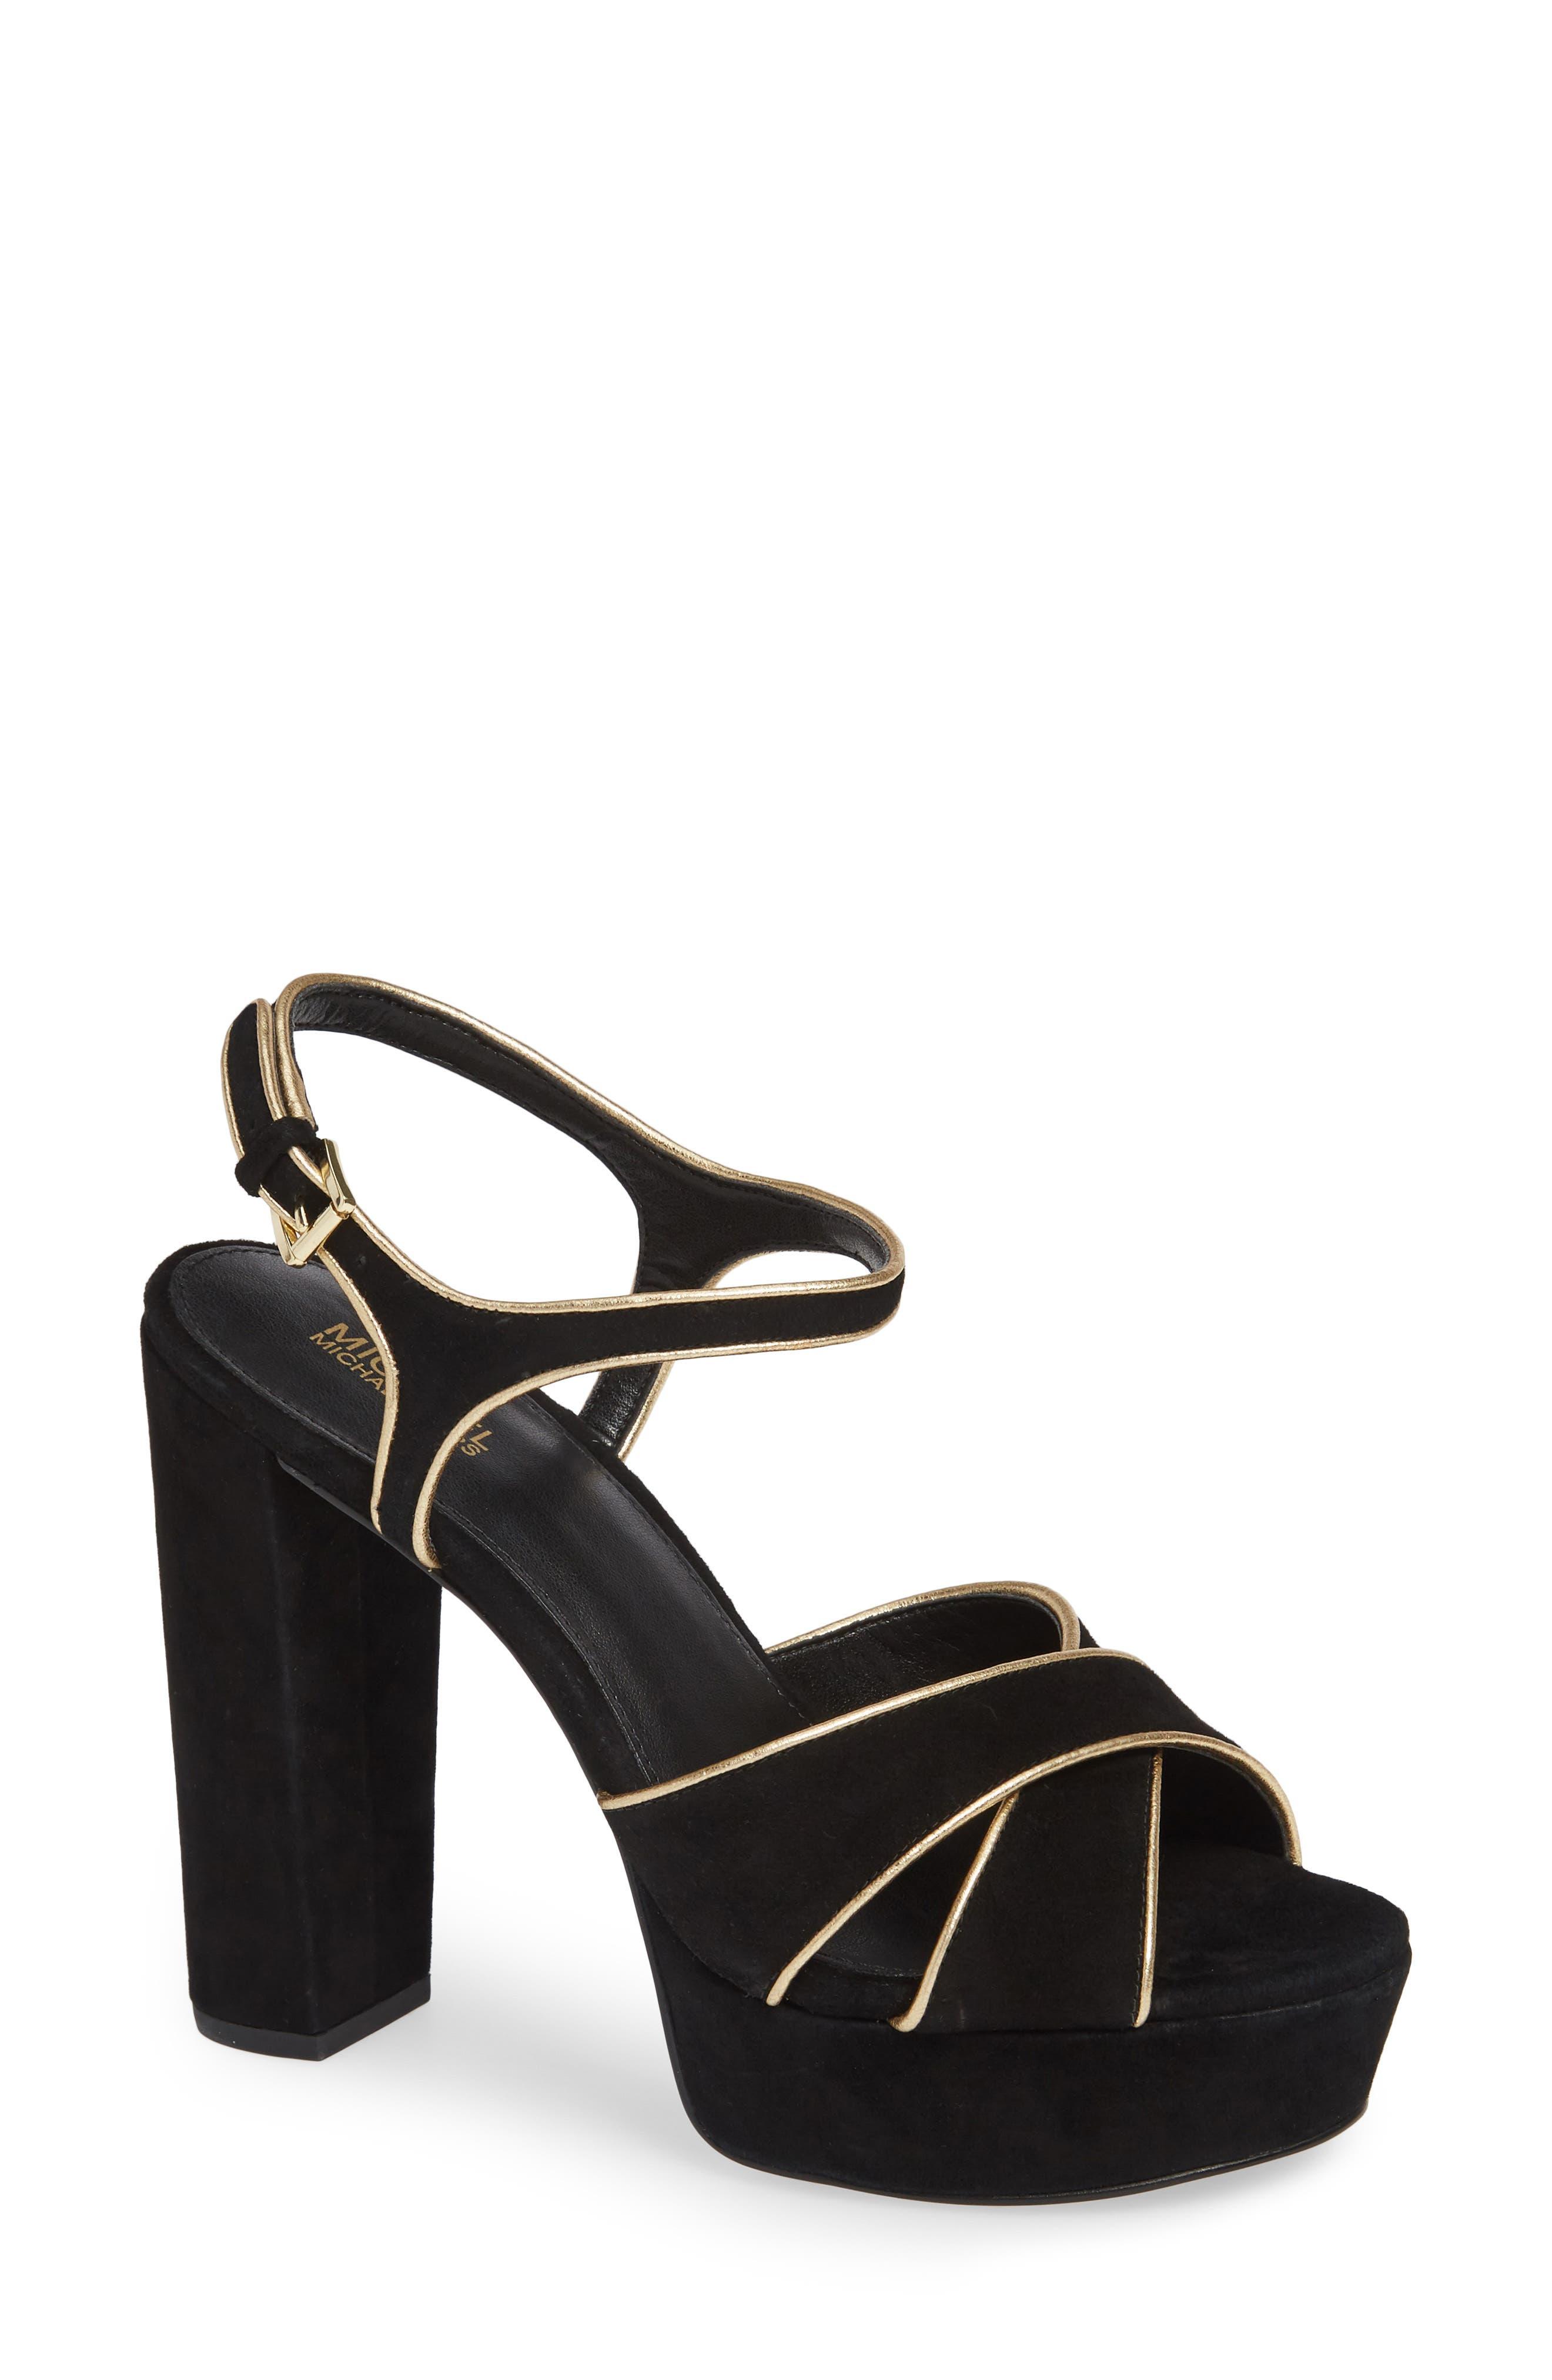 MICHAEL MICHAEL KORS Lexie Platform Sandal, Main, color, 001